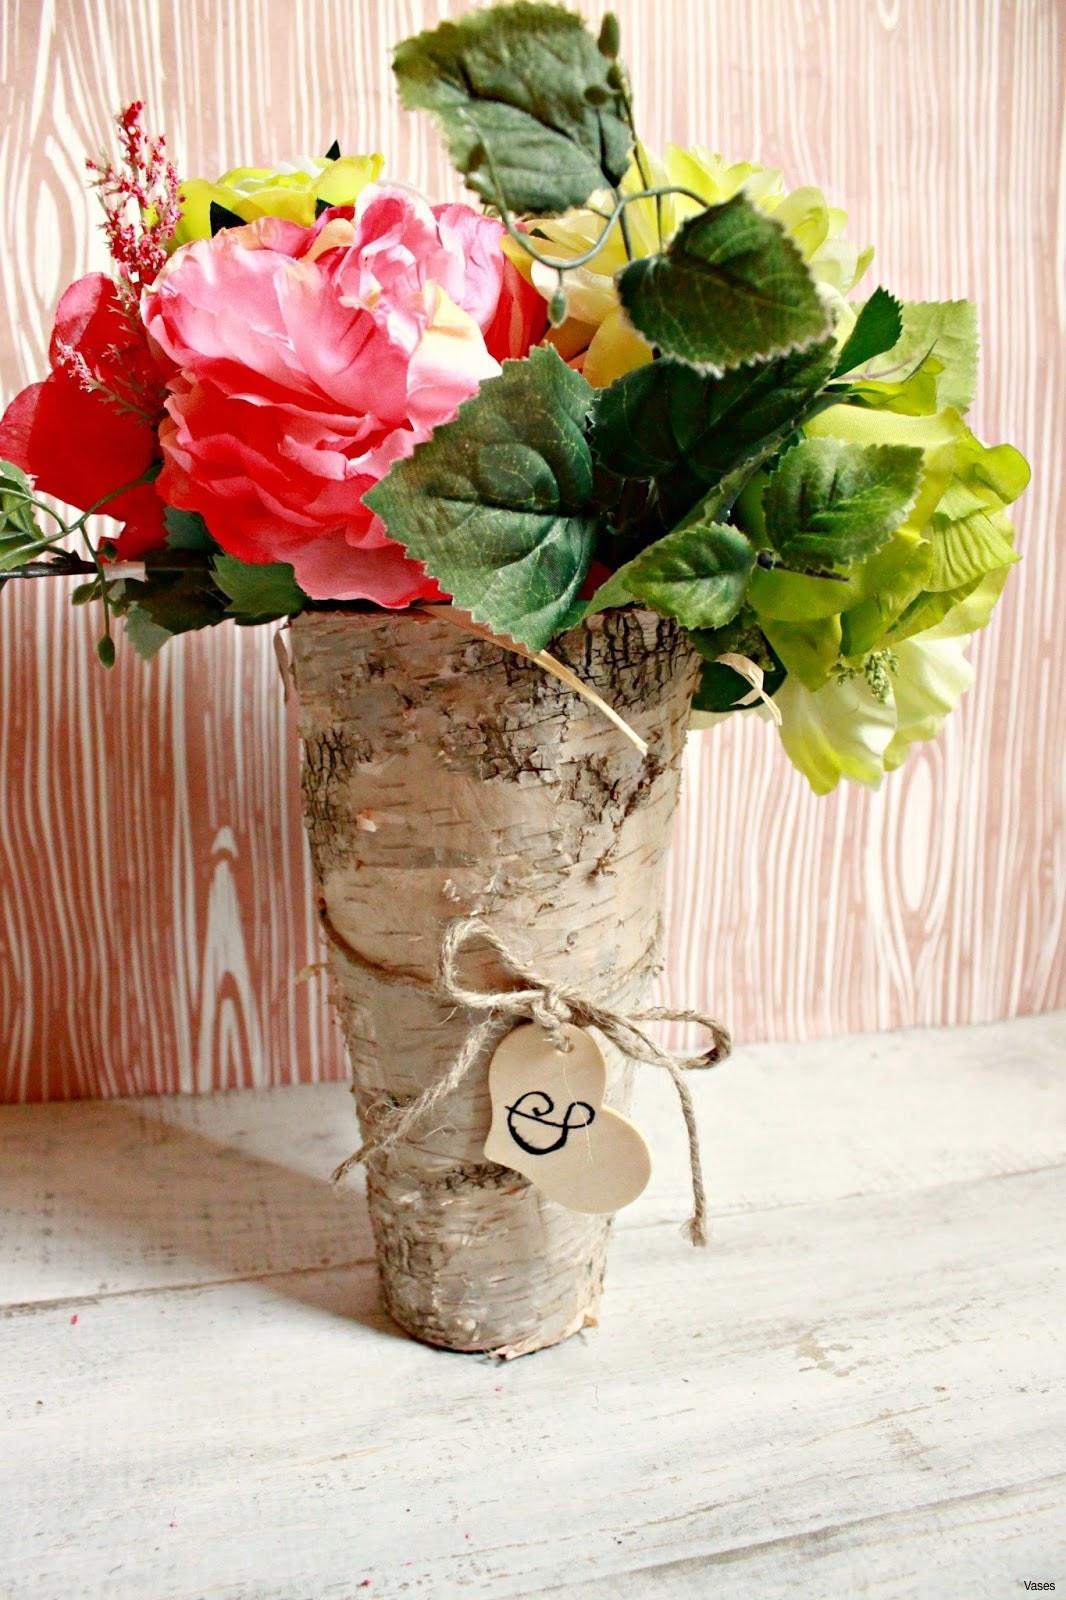 11 Trendy Wall Mounted Flower Vase 2021 free download wall mounted flower vase of wooden wall vase beautiful wooden wedding flowers h vases diy wood with wooden wall vase beautiful wooden wedding flowers h vases diy wood vase i 0d base turntabl